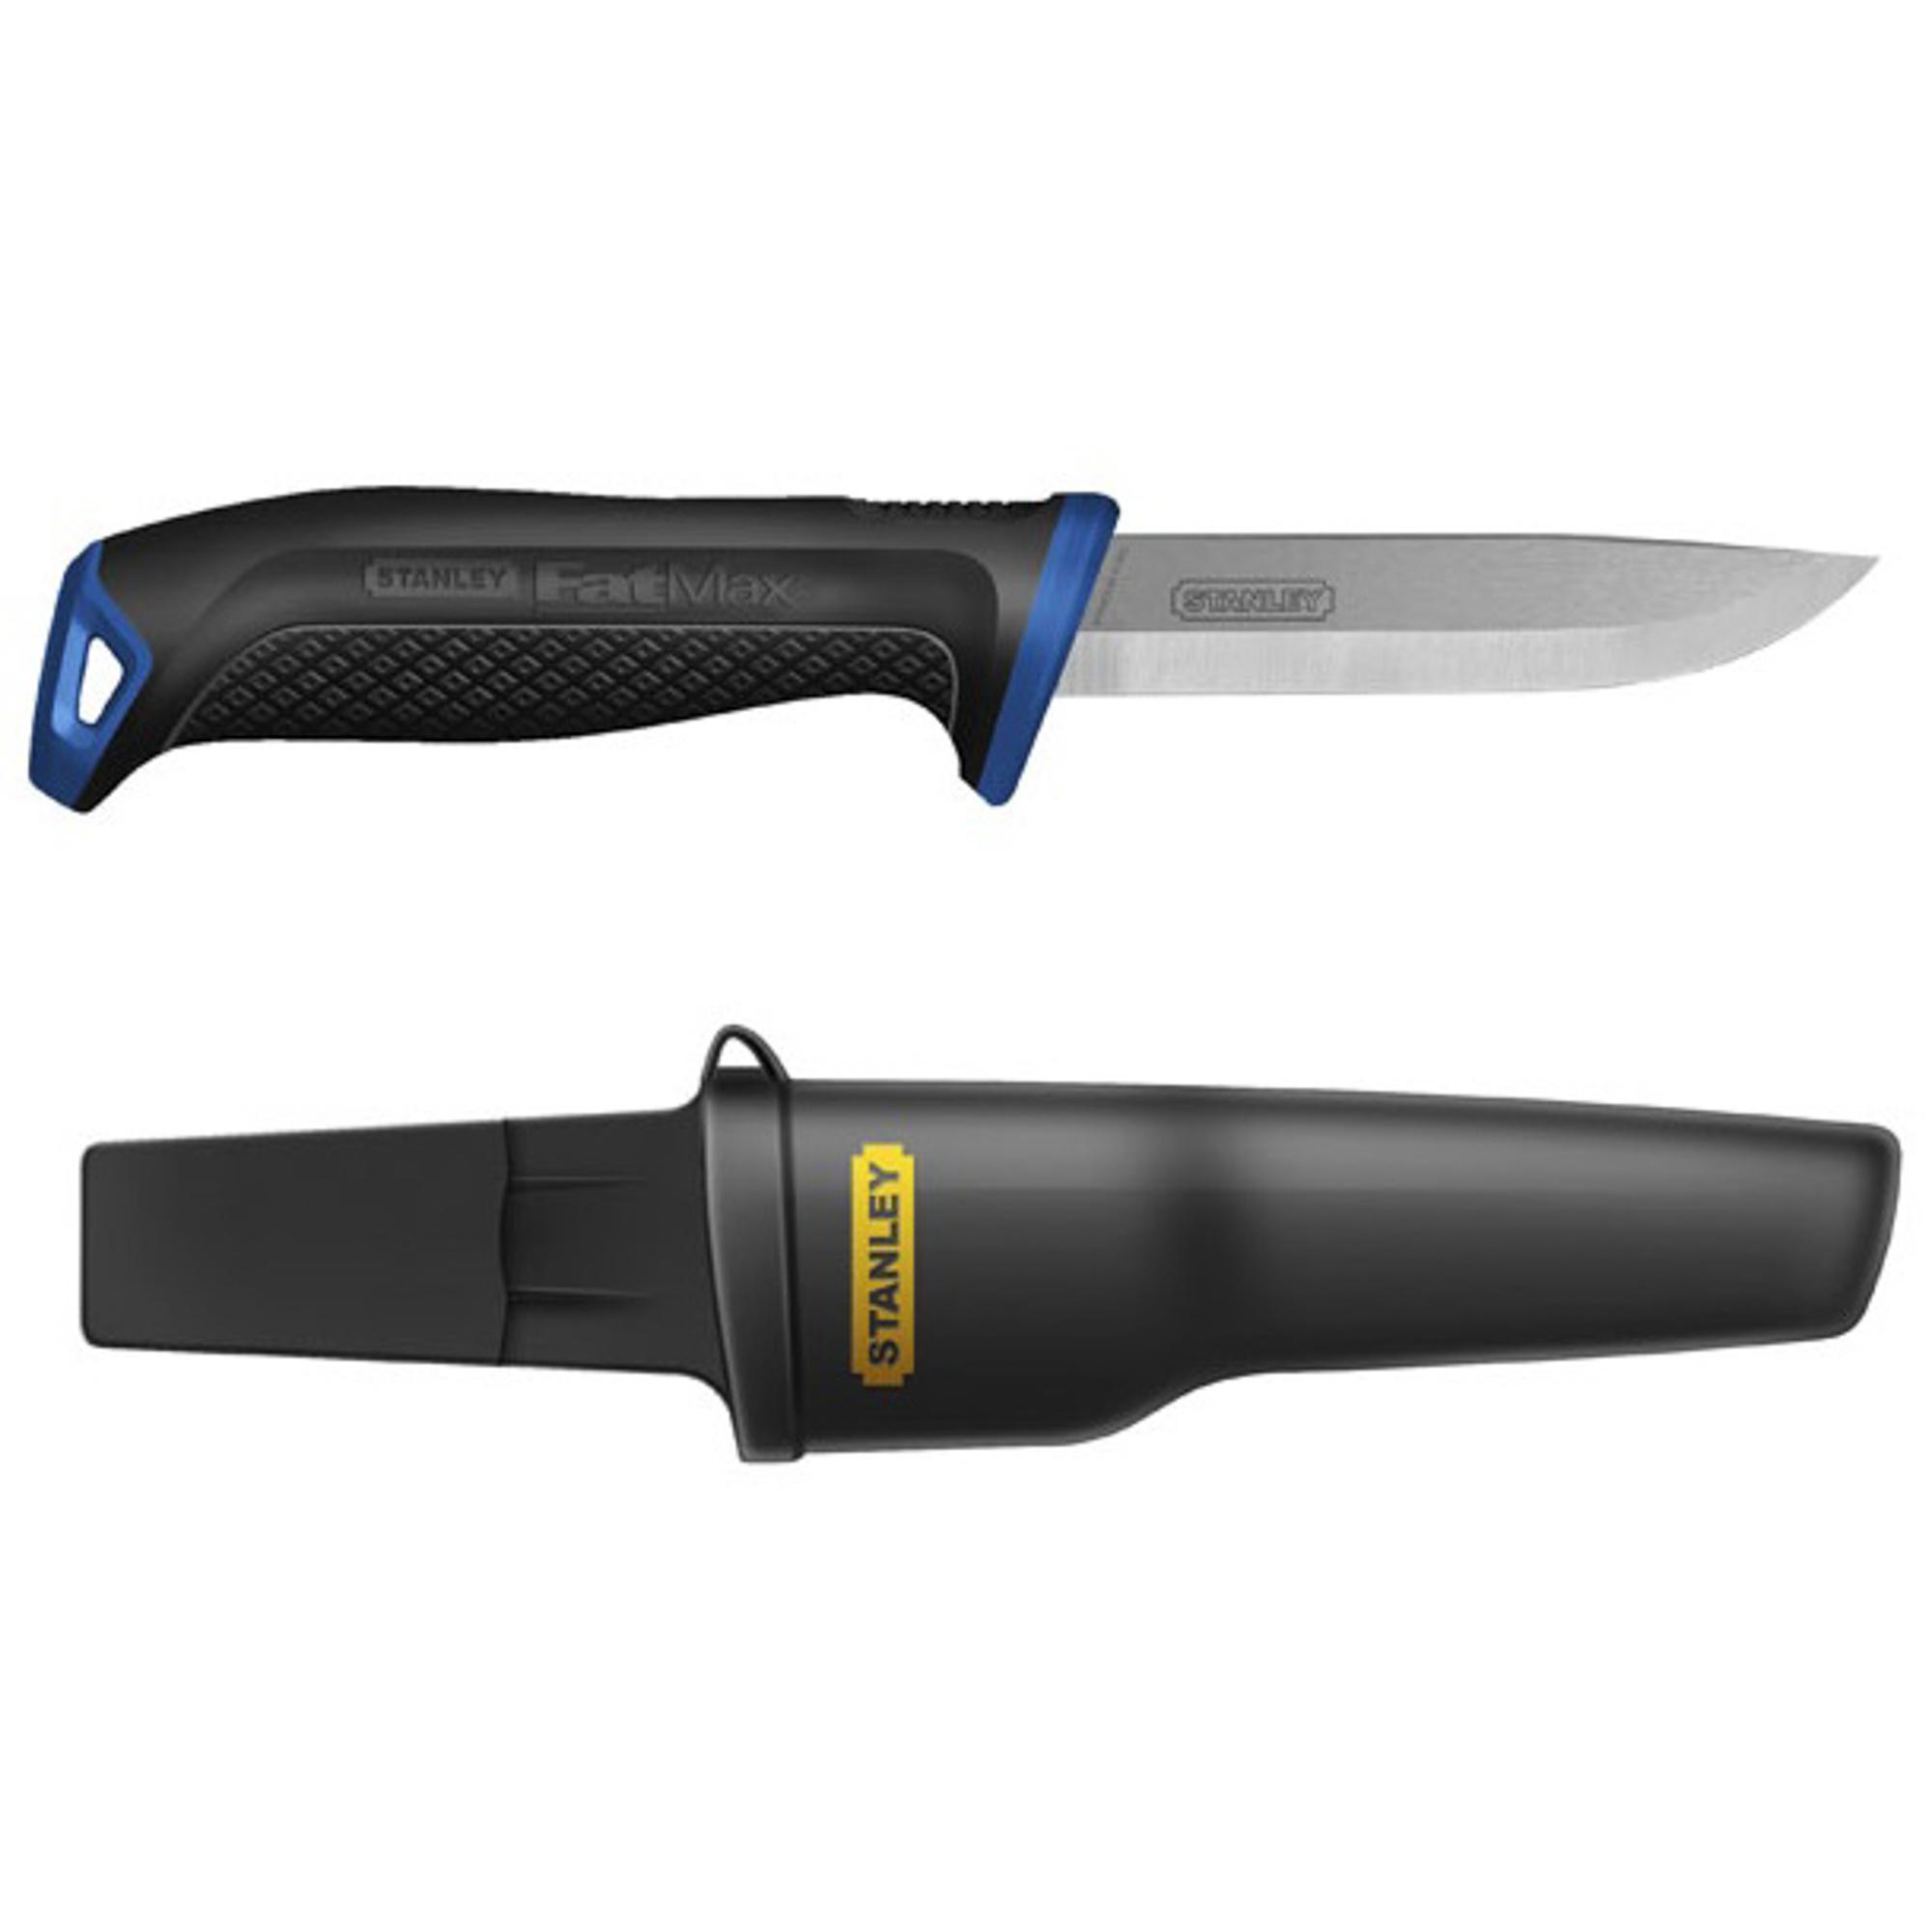 Фото - Нож STANLEY FatMax универсальный с лезвием из нержавеющей стали монтажный нож stanley